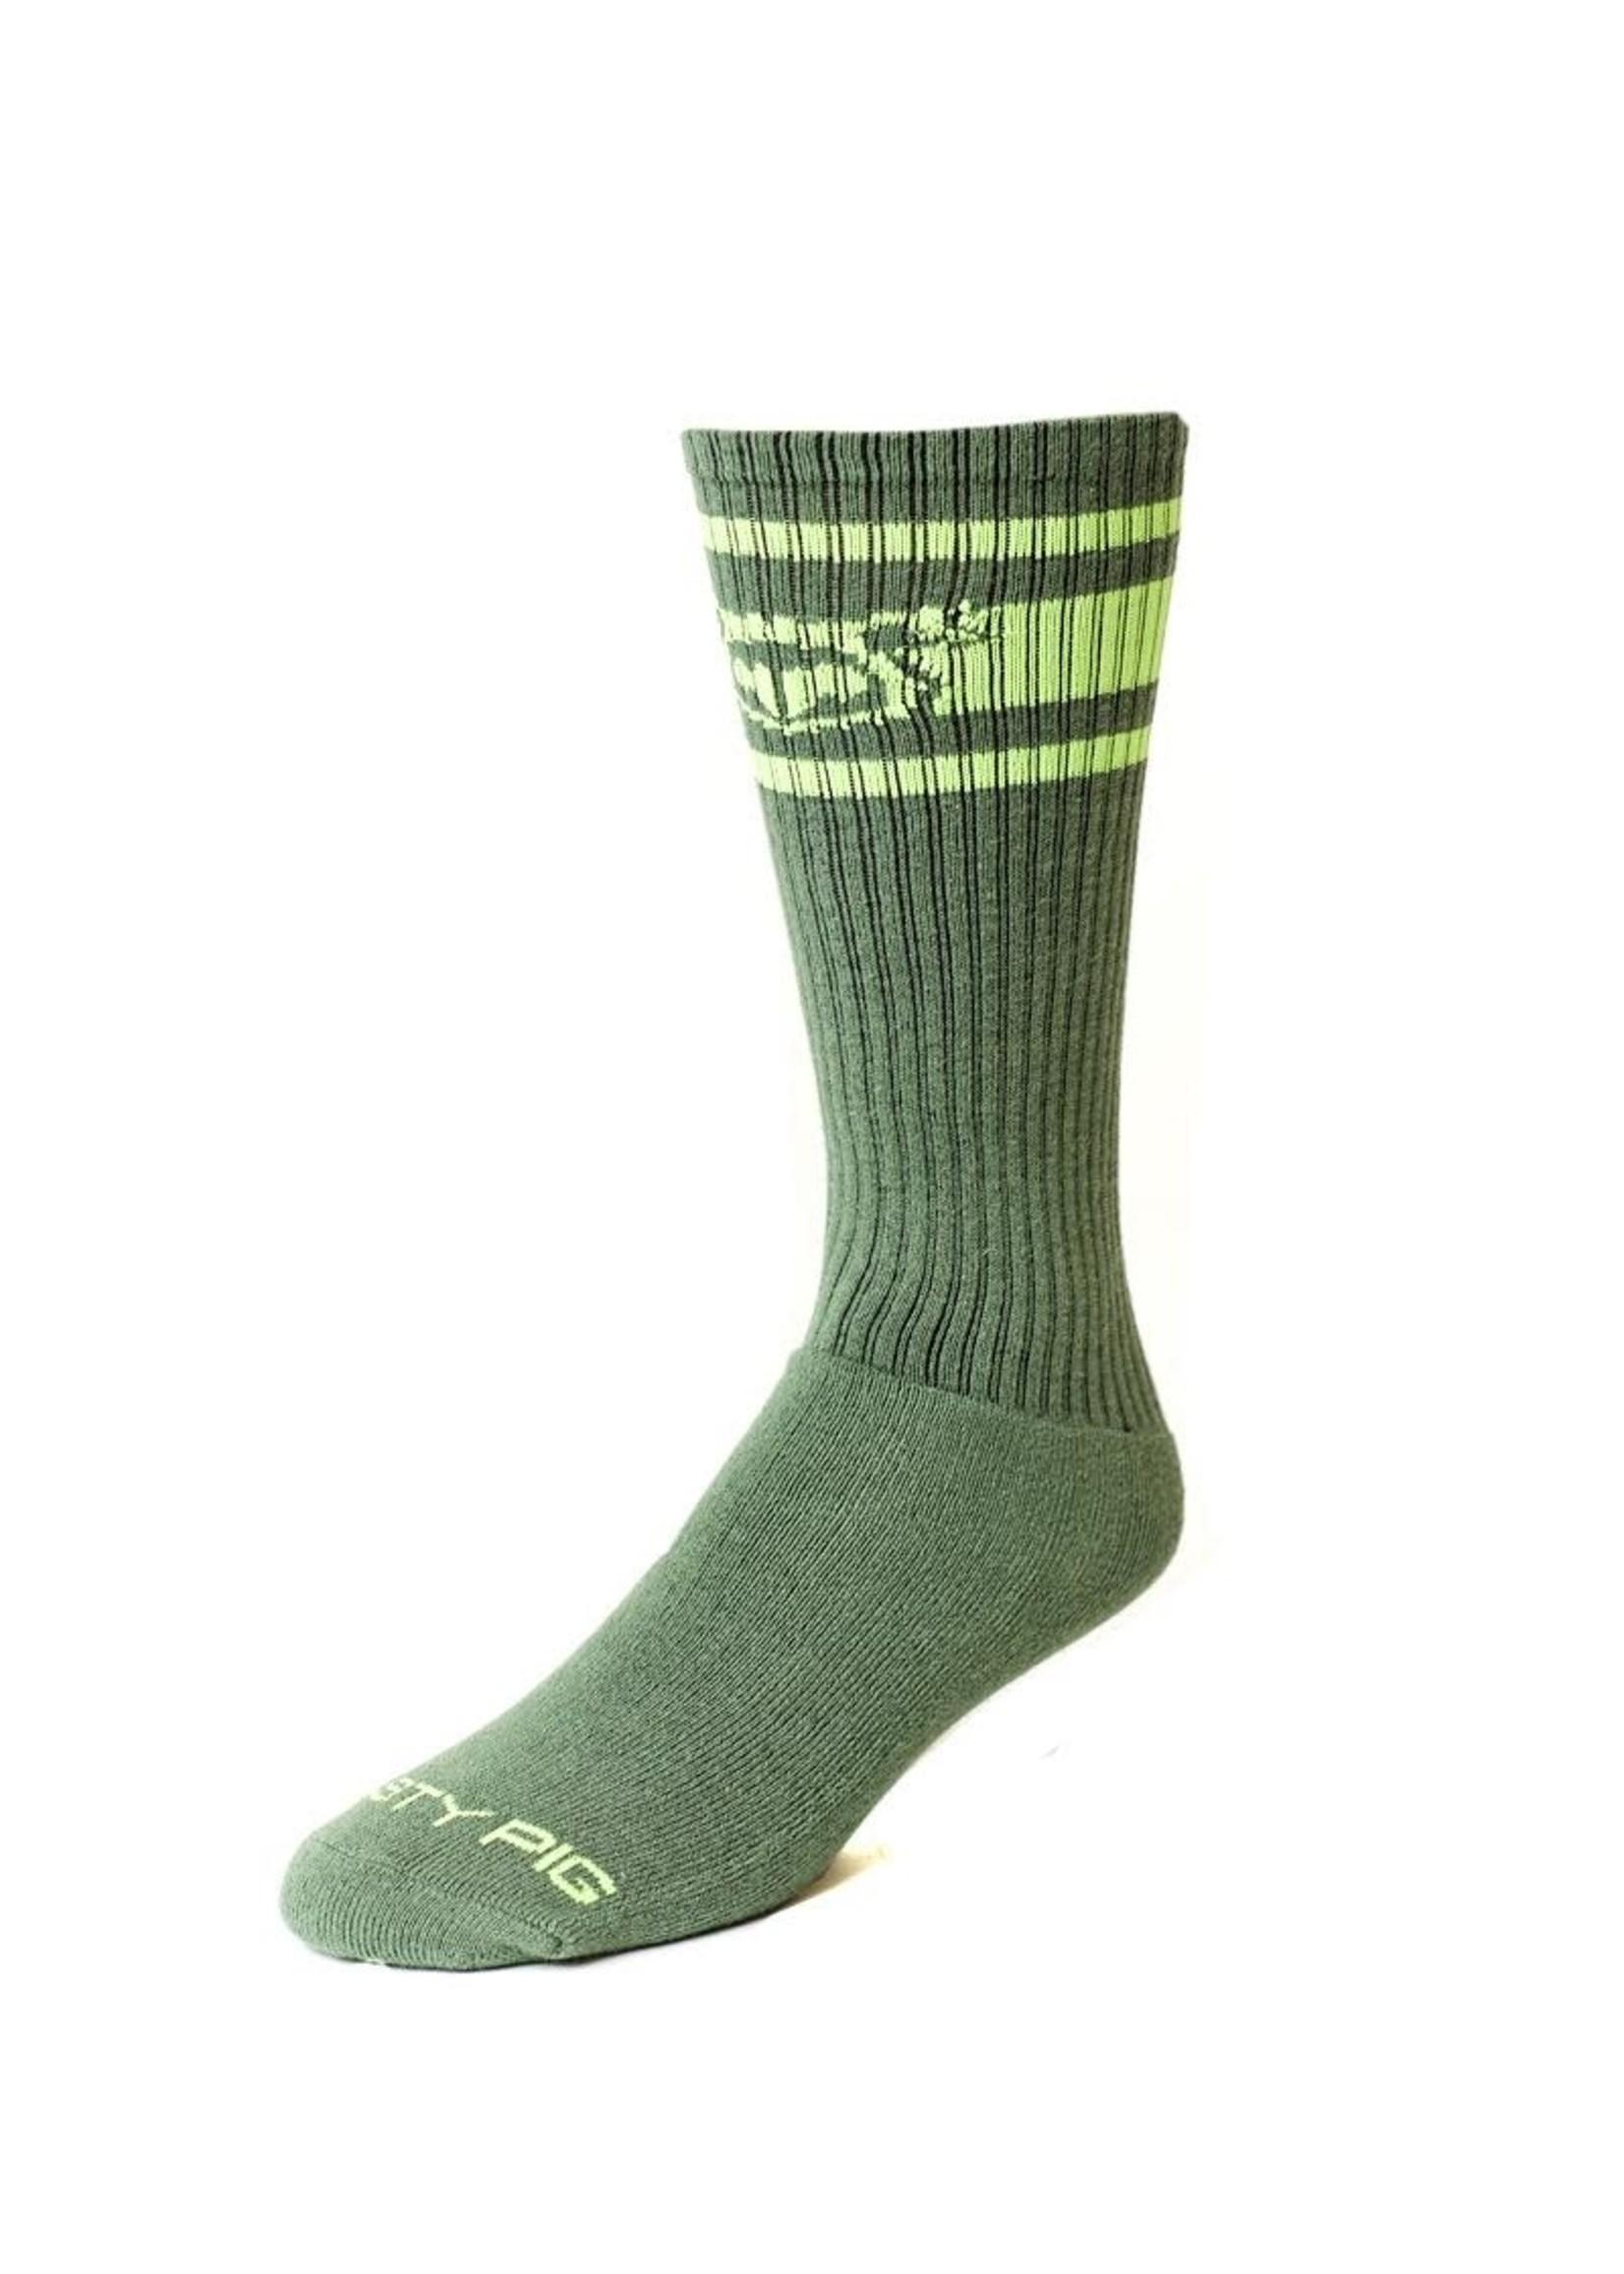 Nasty Pig Nasty Pig Hook'd Up Sport Socks